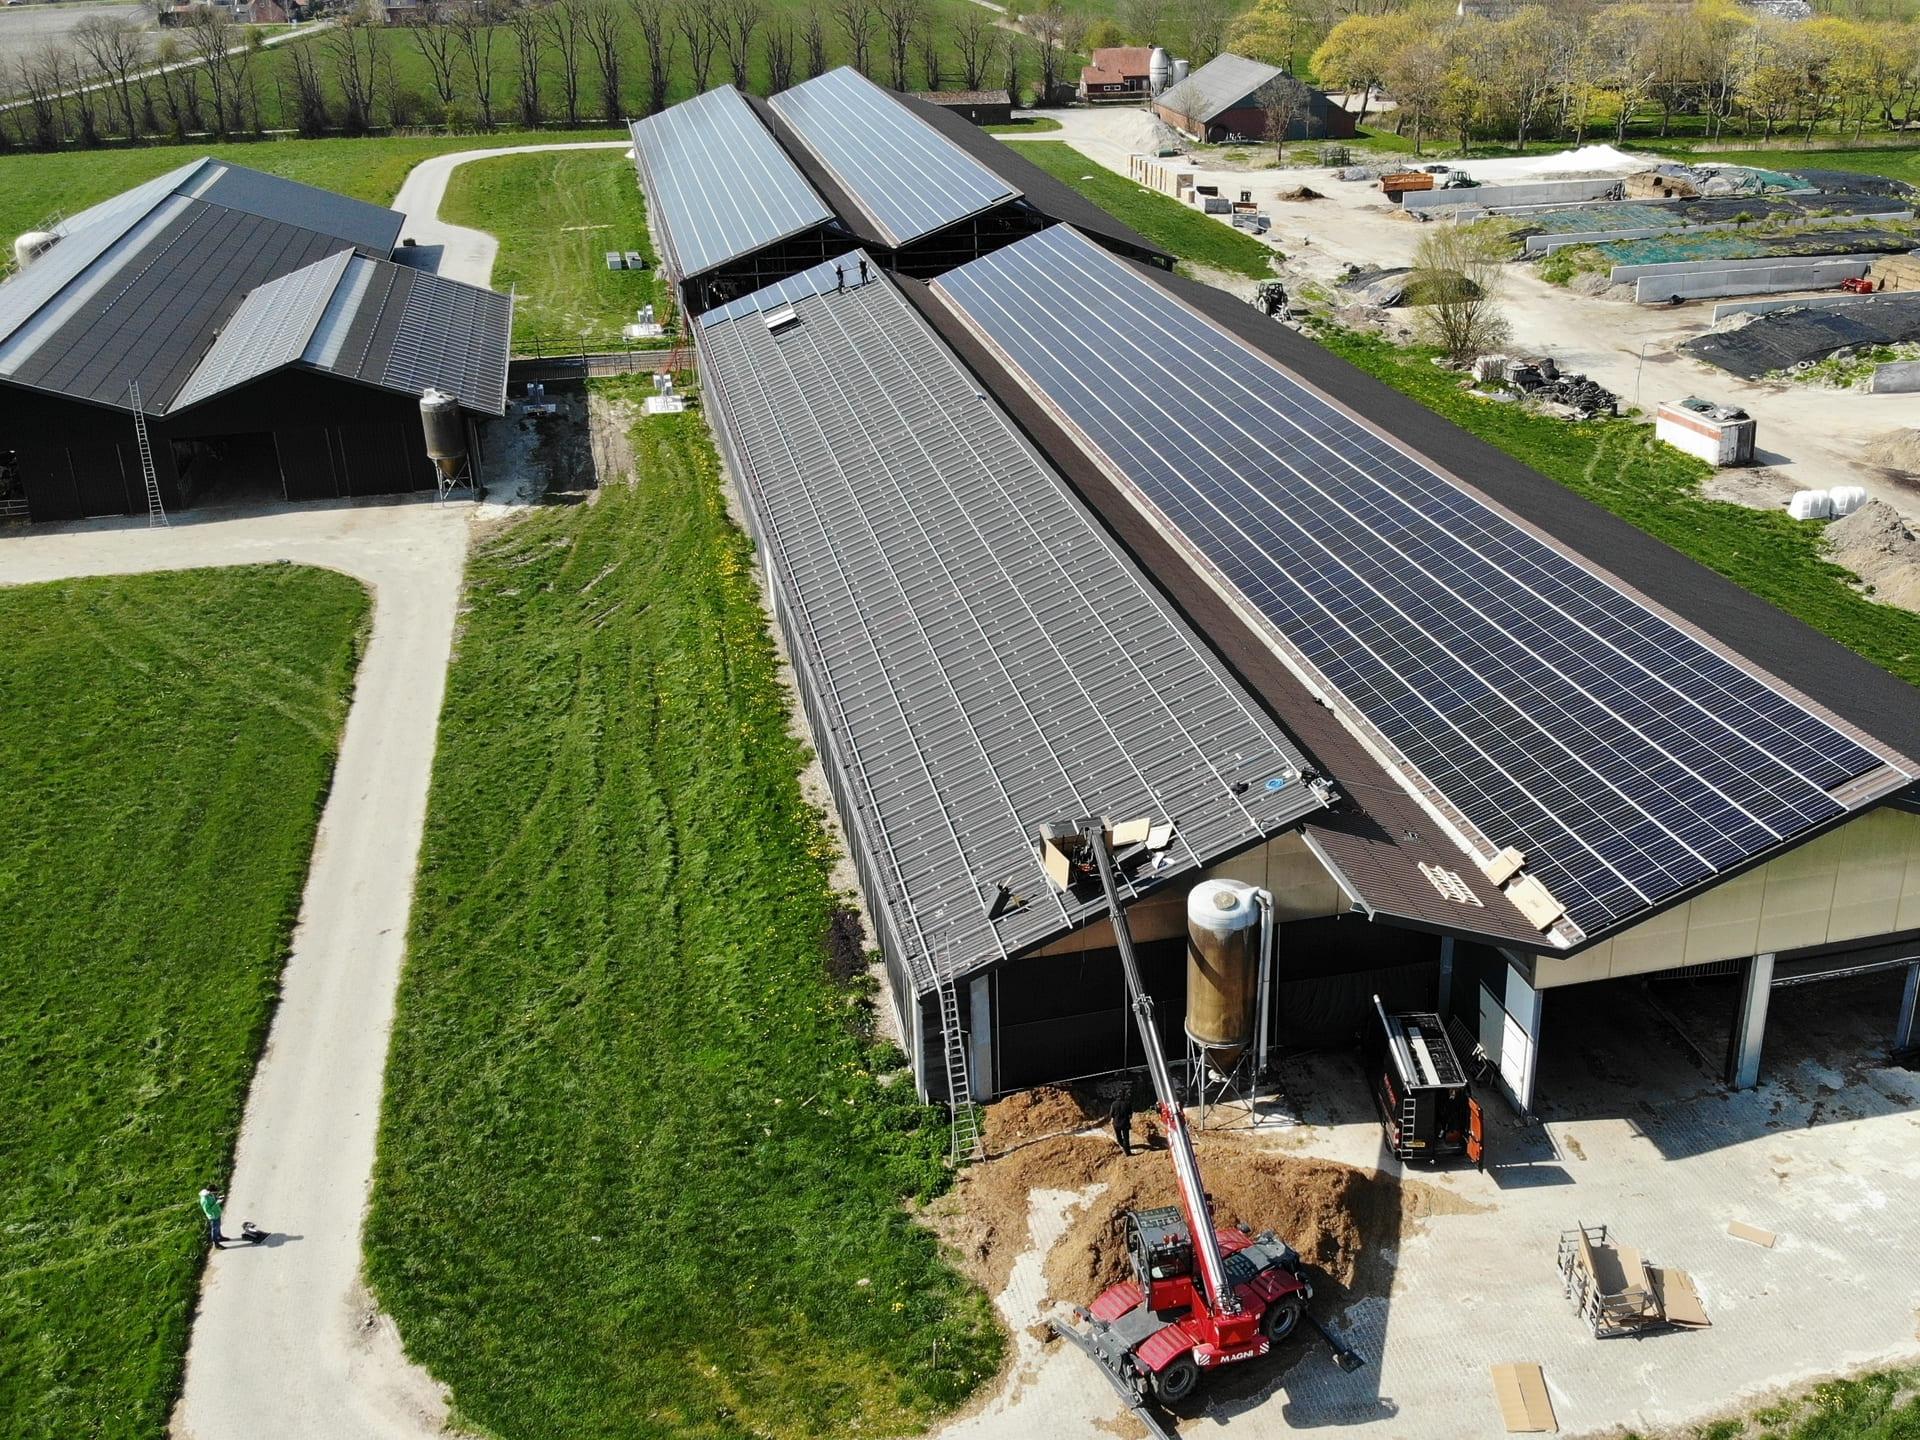 onderconstuctie op dak koeienstal